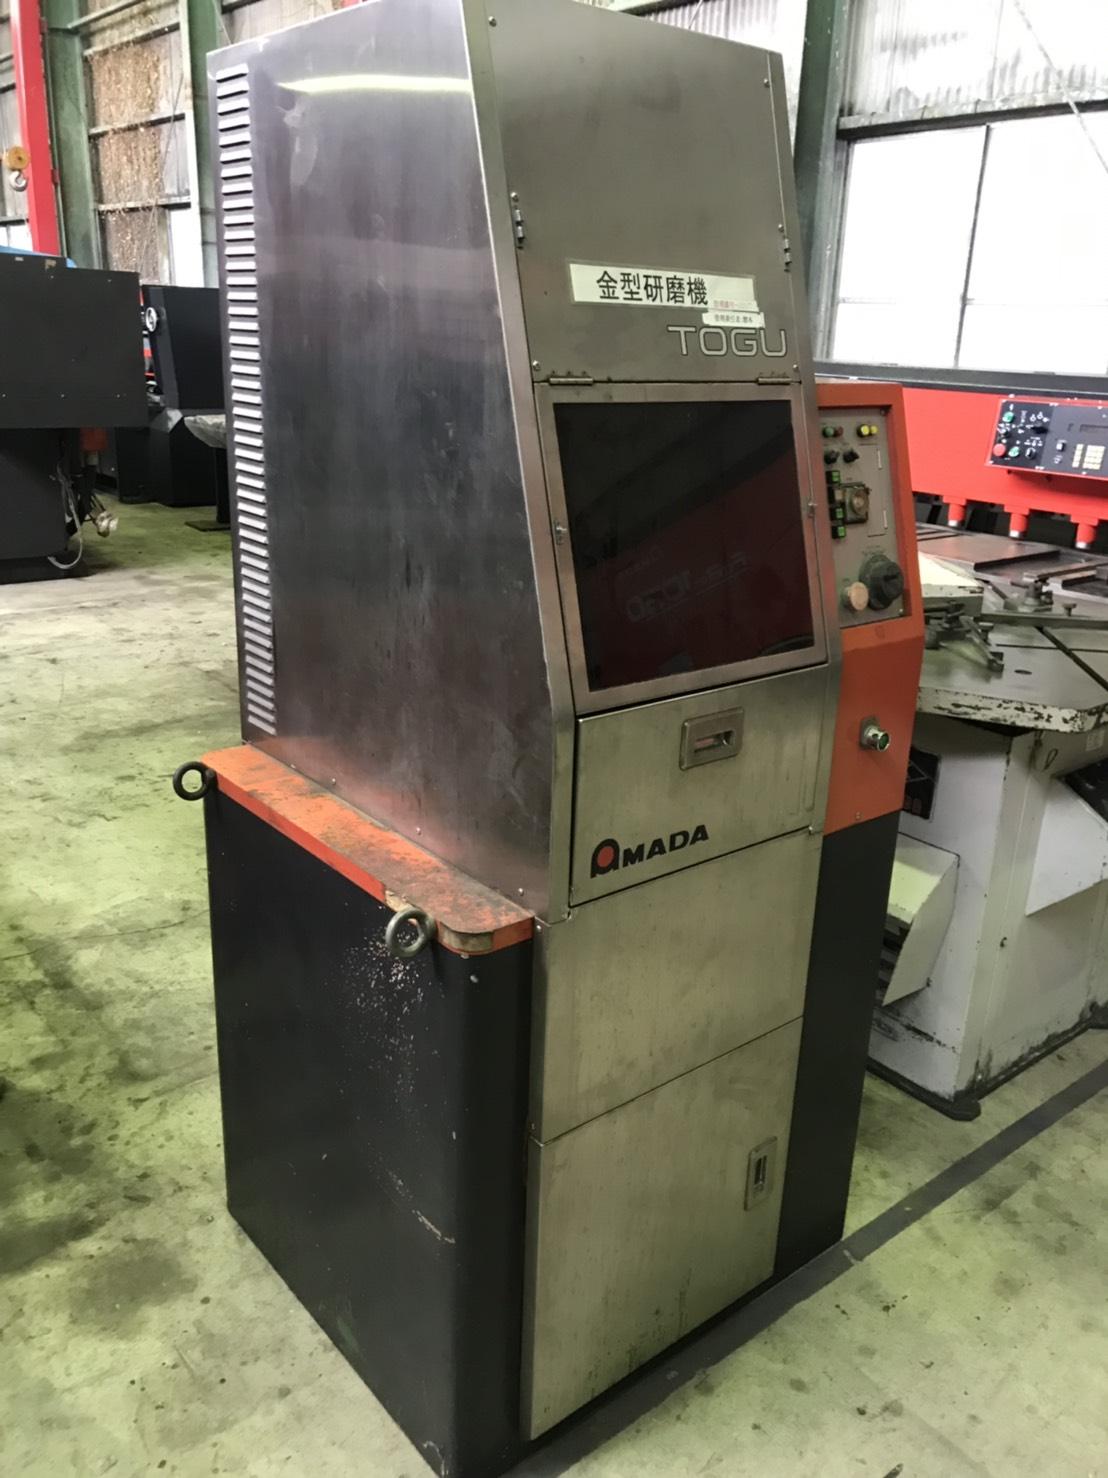 アマダ_TOGU-DX_金型研磨機